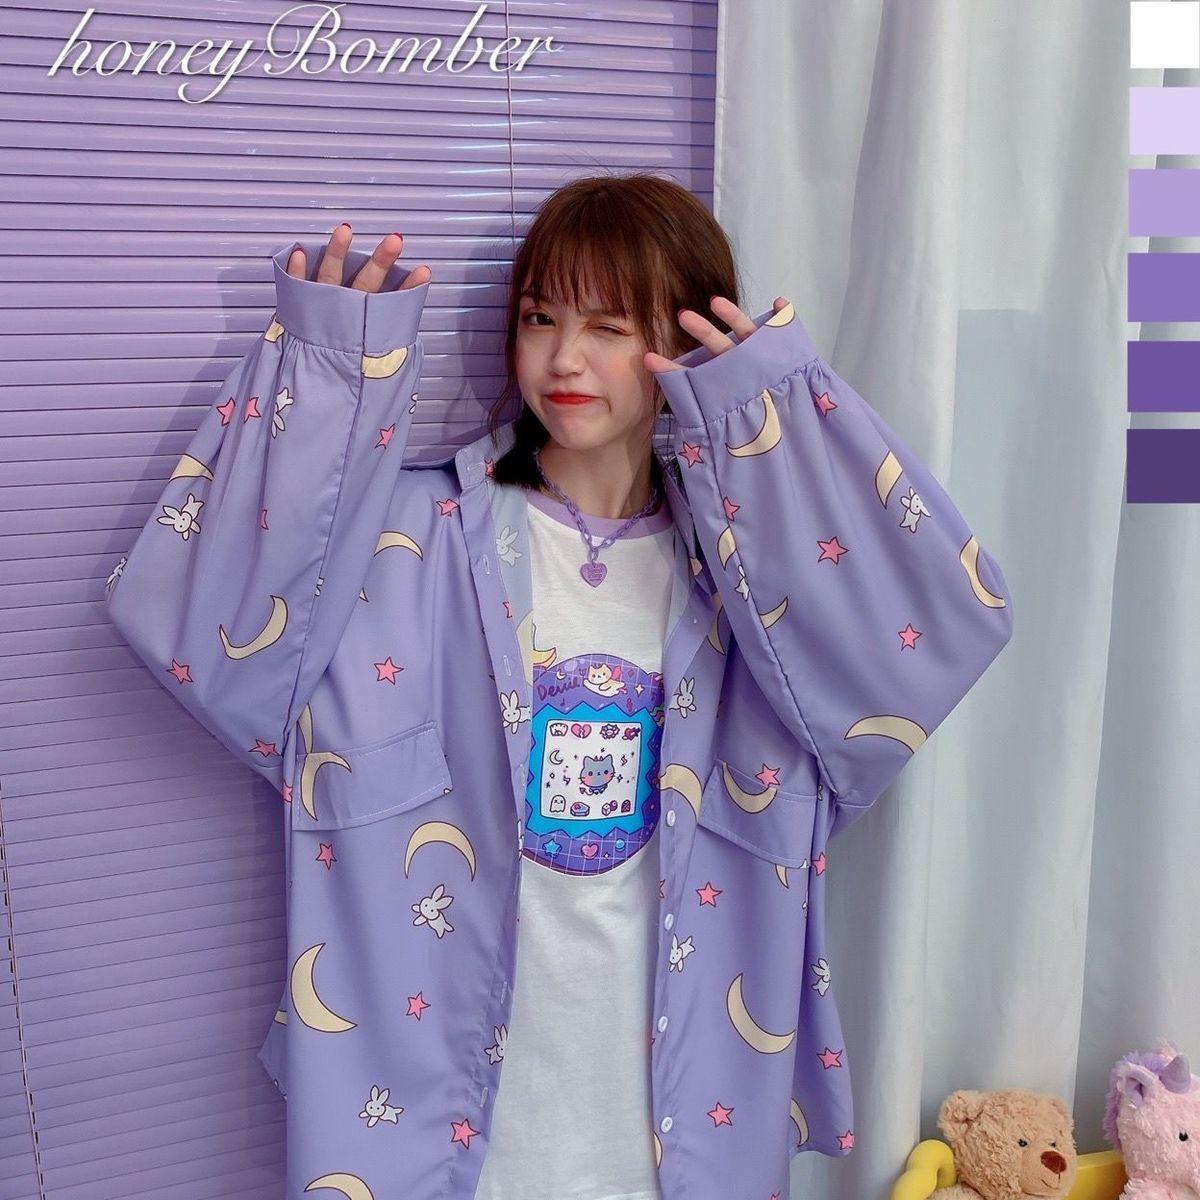 Harajuku Soft Girl Oversized T-shirt 41